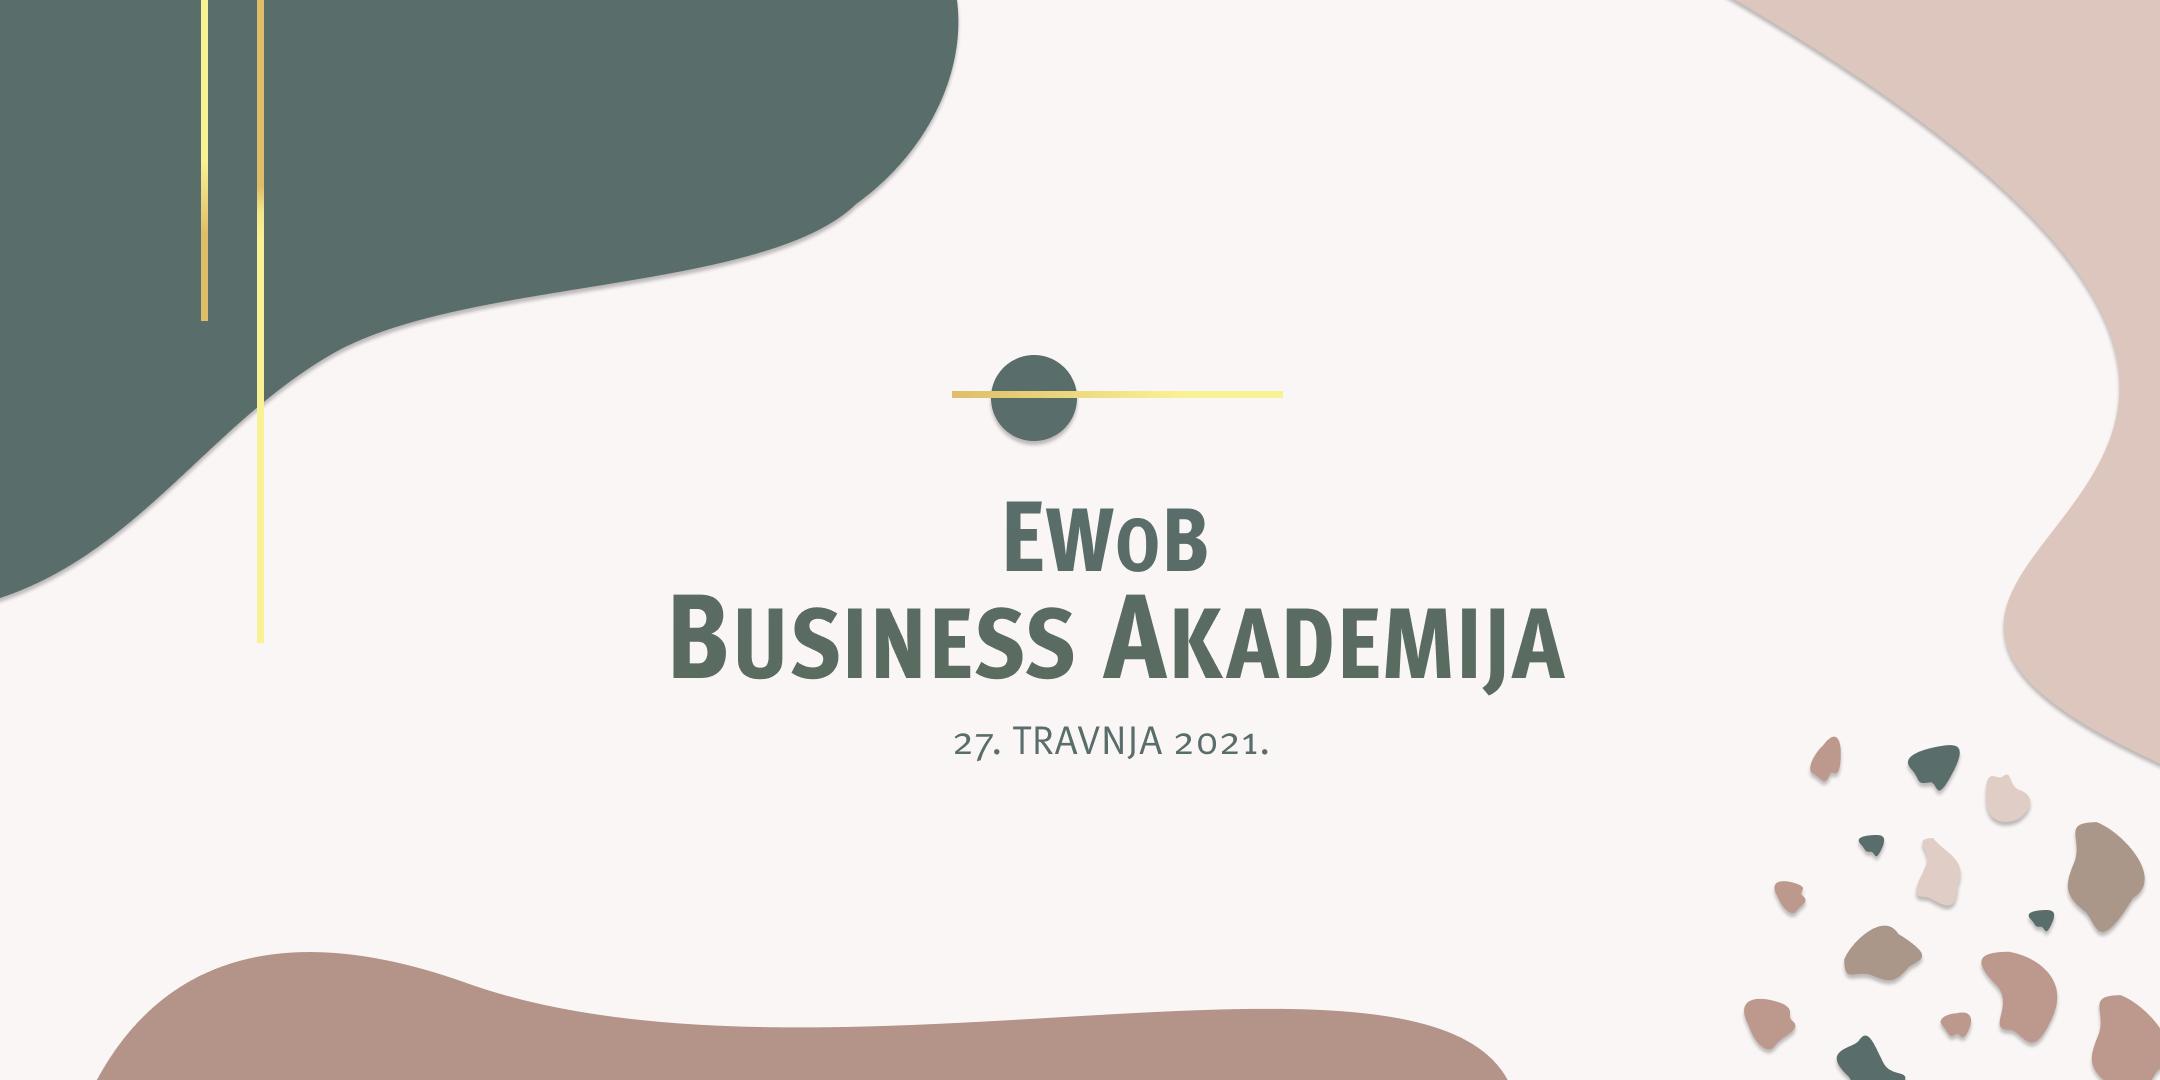 EWoB Business Academy